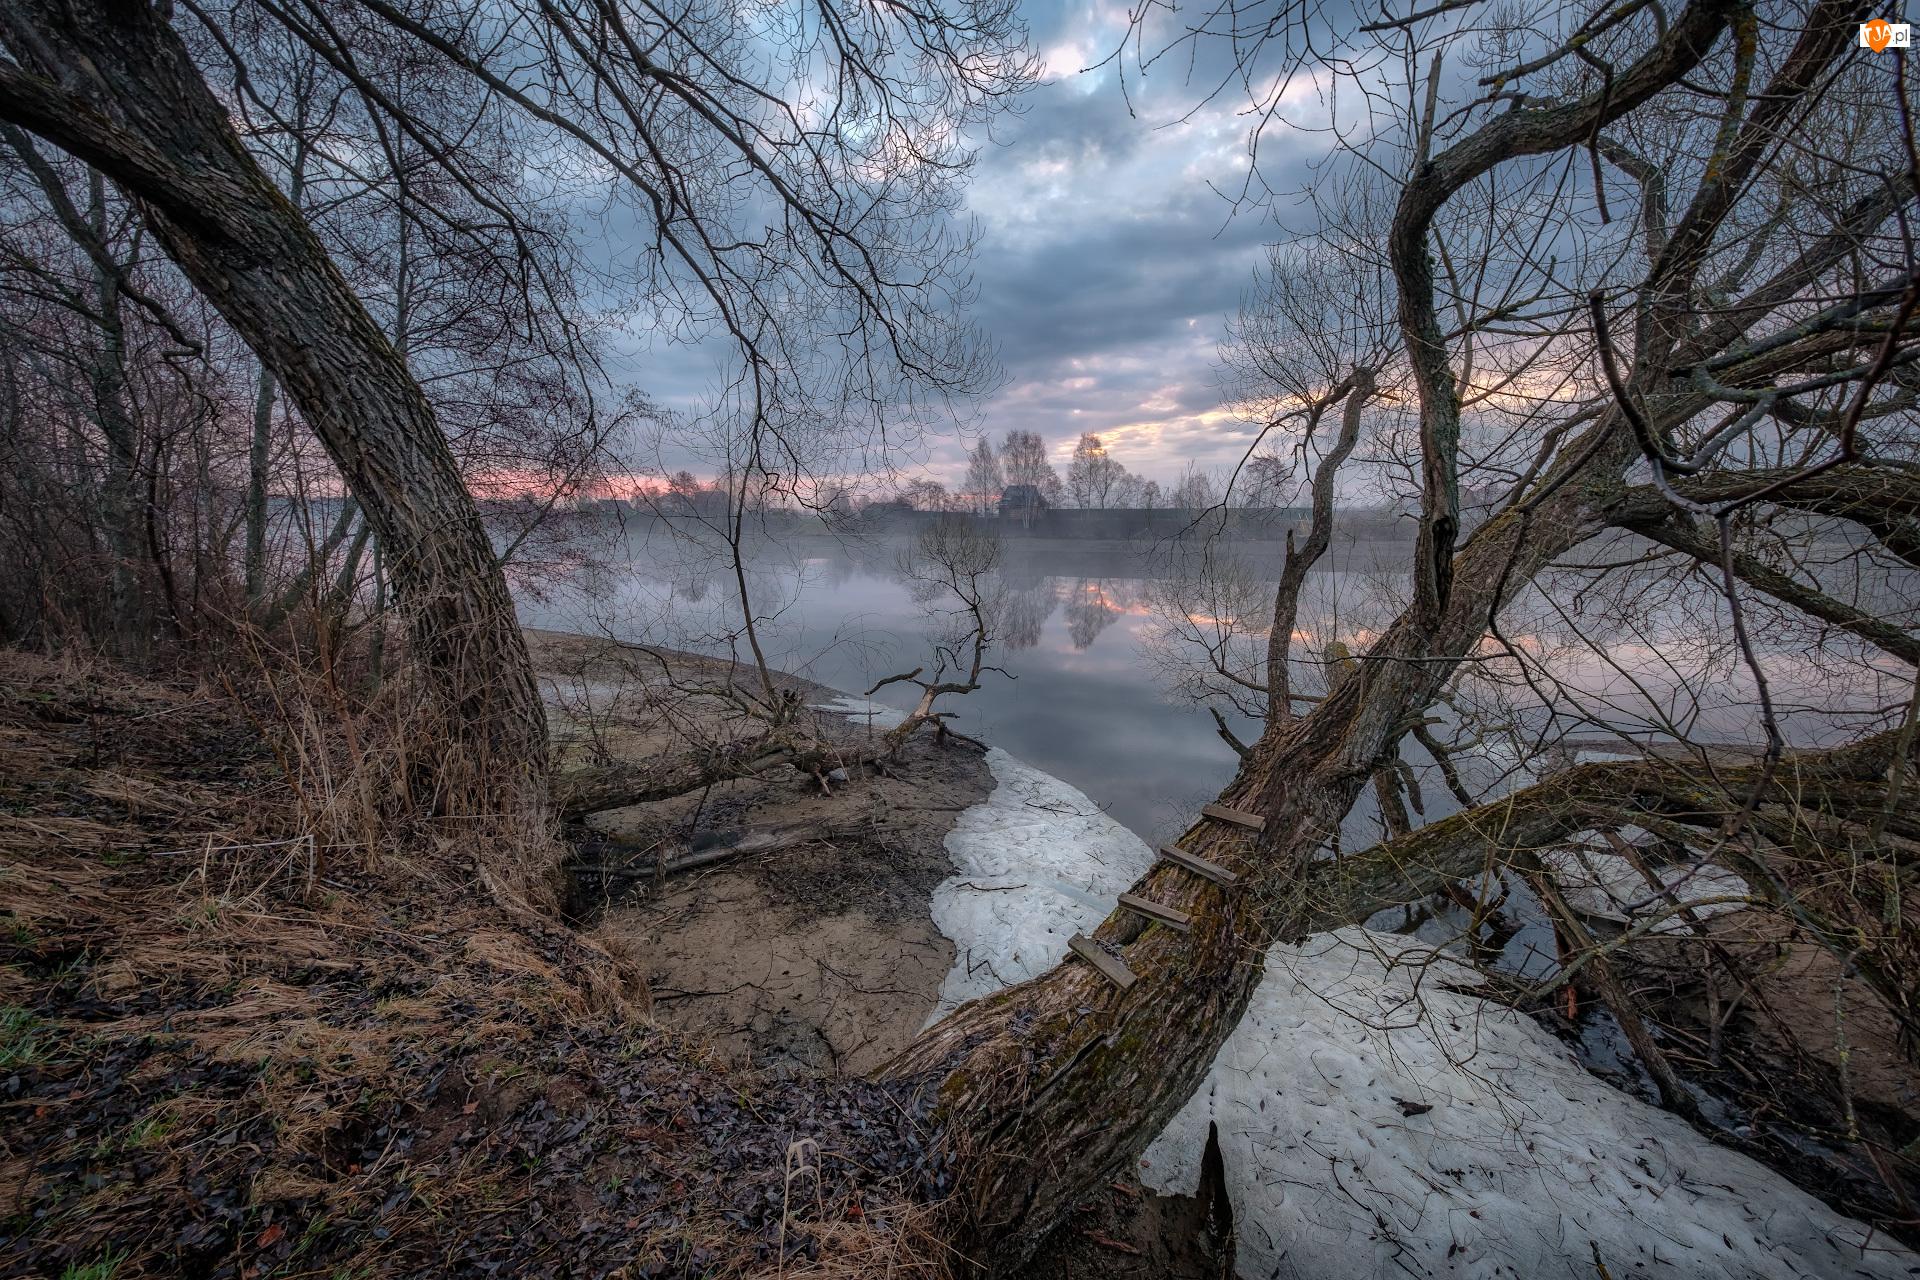 Domy, Mgła, Łotwa, Rzeka Dubna, Łatgalia, Drzewa, Bezlistne